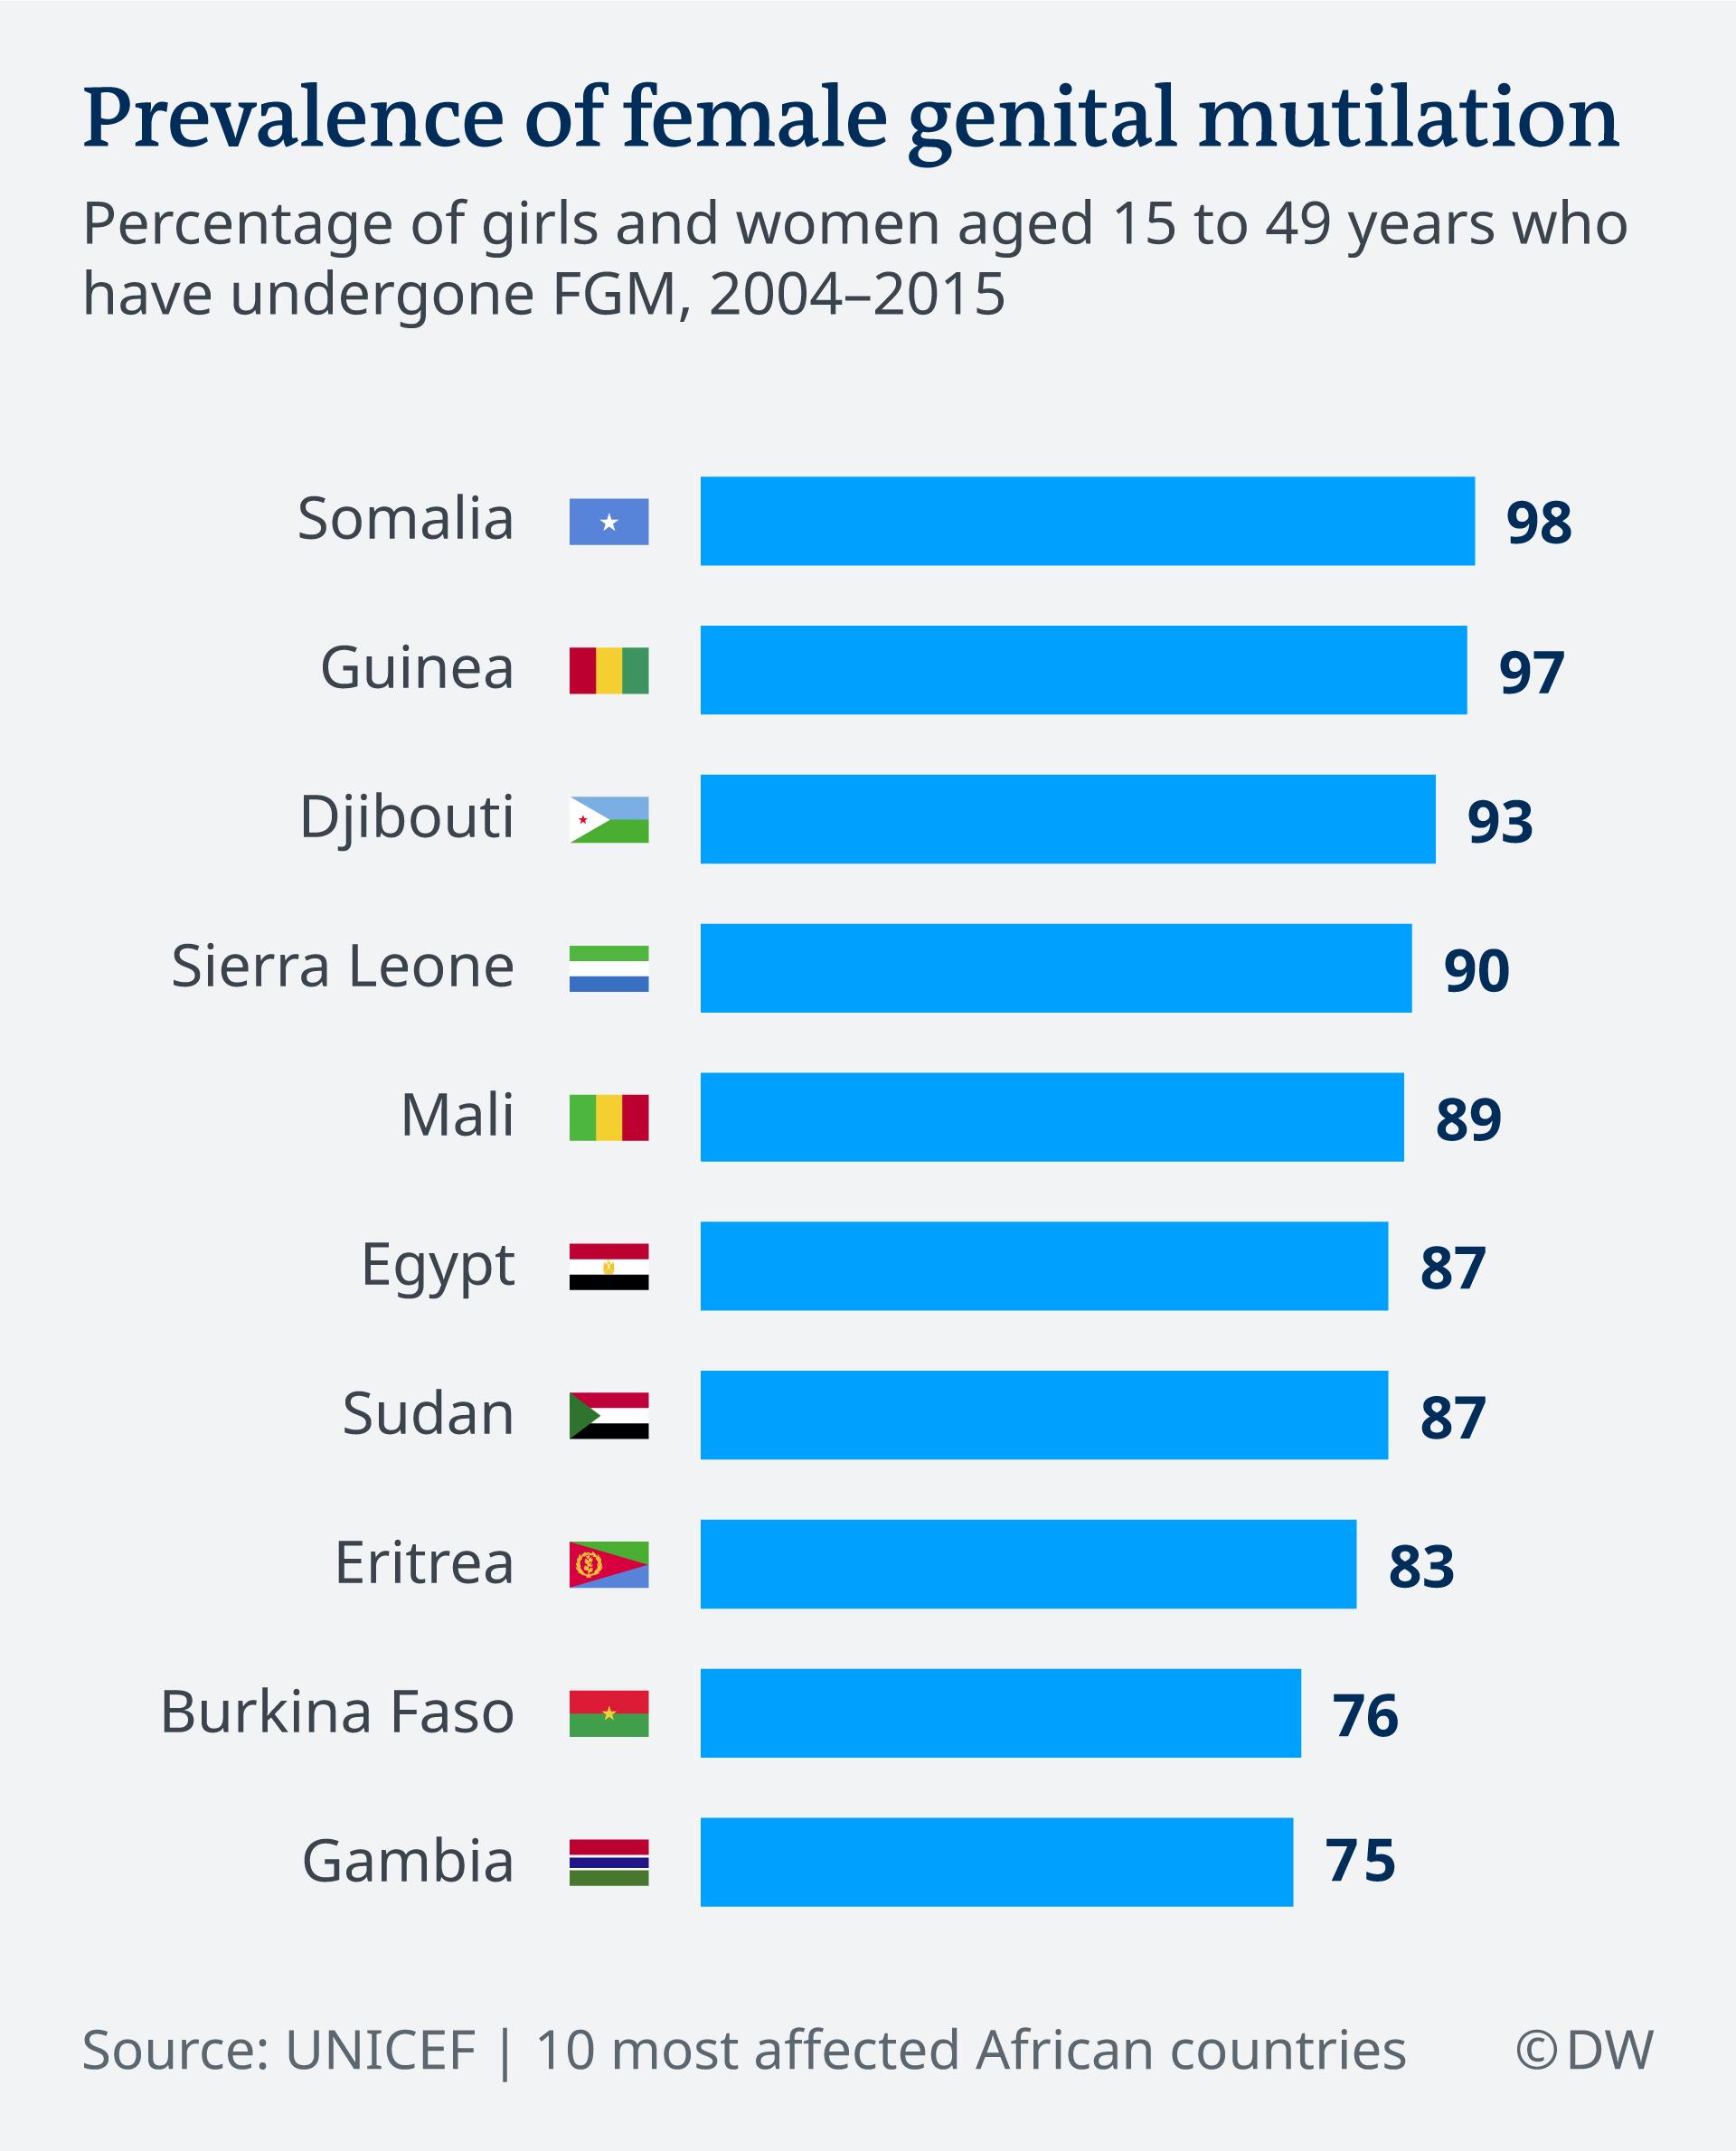 ده کشوری که بالاترین آمار ناقصسازی اندام جنسی زنان را دارند و درصد زنان و دختران ۱۵ تا ۴۹ ساله که در فاصله ۲۰۰۴ تا ۲۰۱۵ در این کشورها قربانی این عمل بودهاند